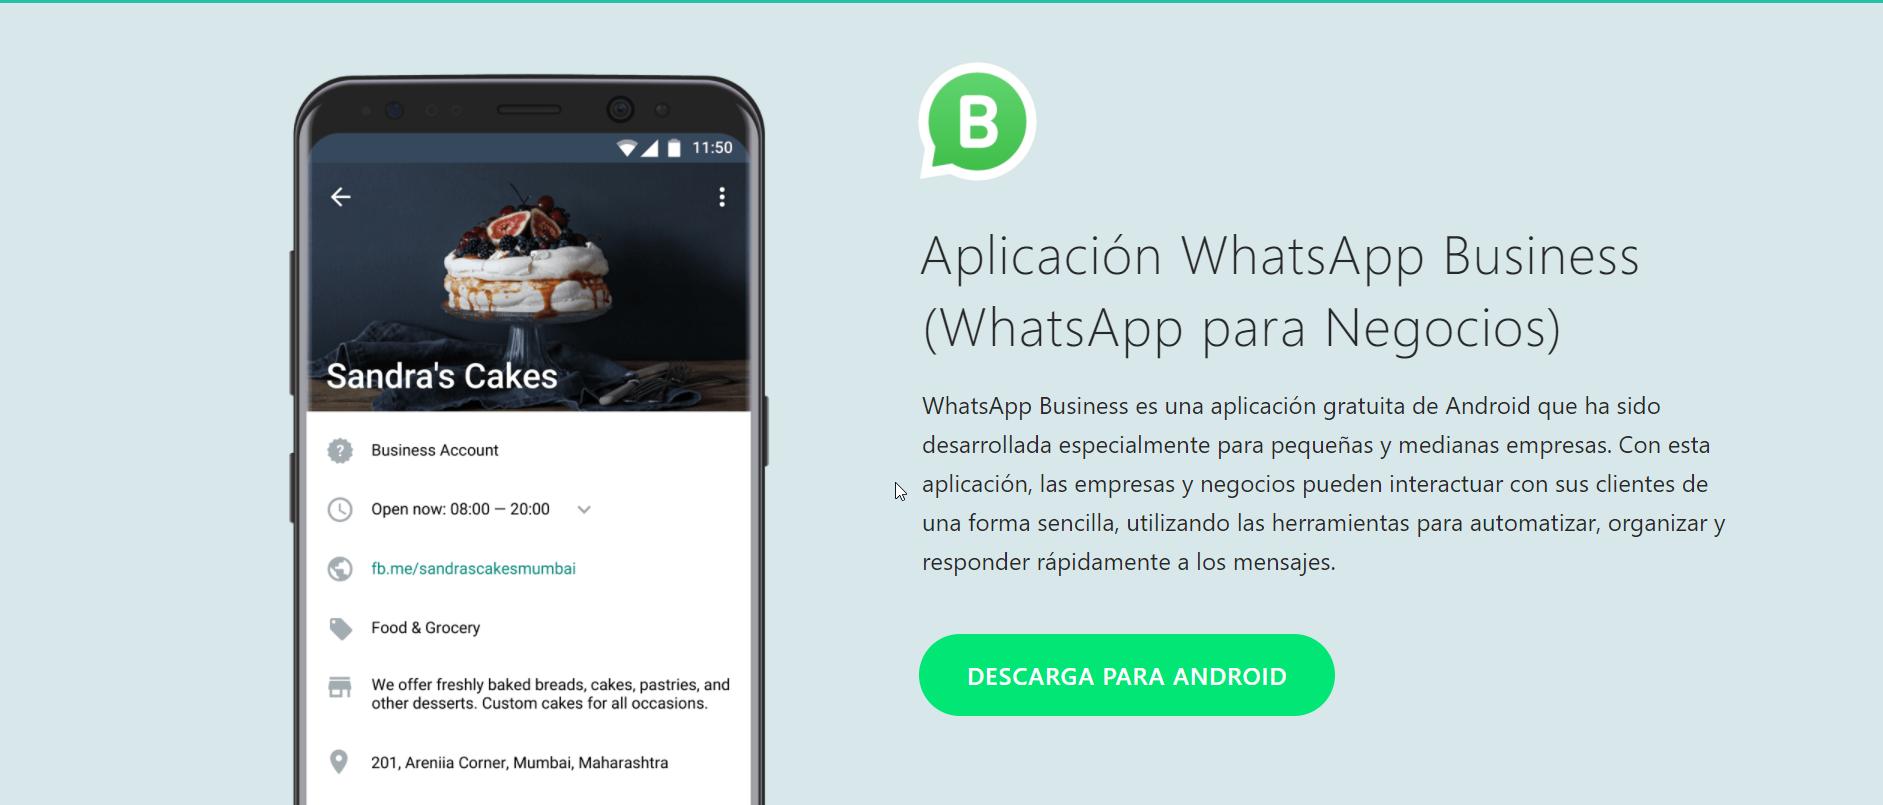 2018-01-24 10_11_06-Aplicación WhatsApp Business (WhatsApp para Negocios)